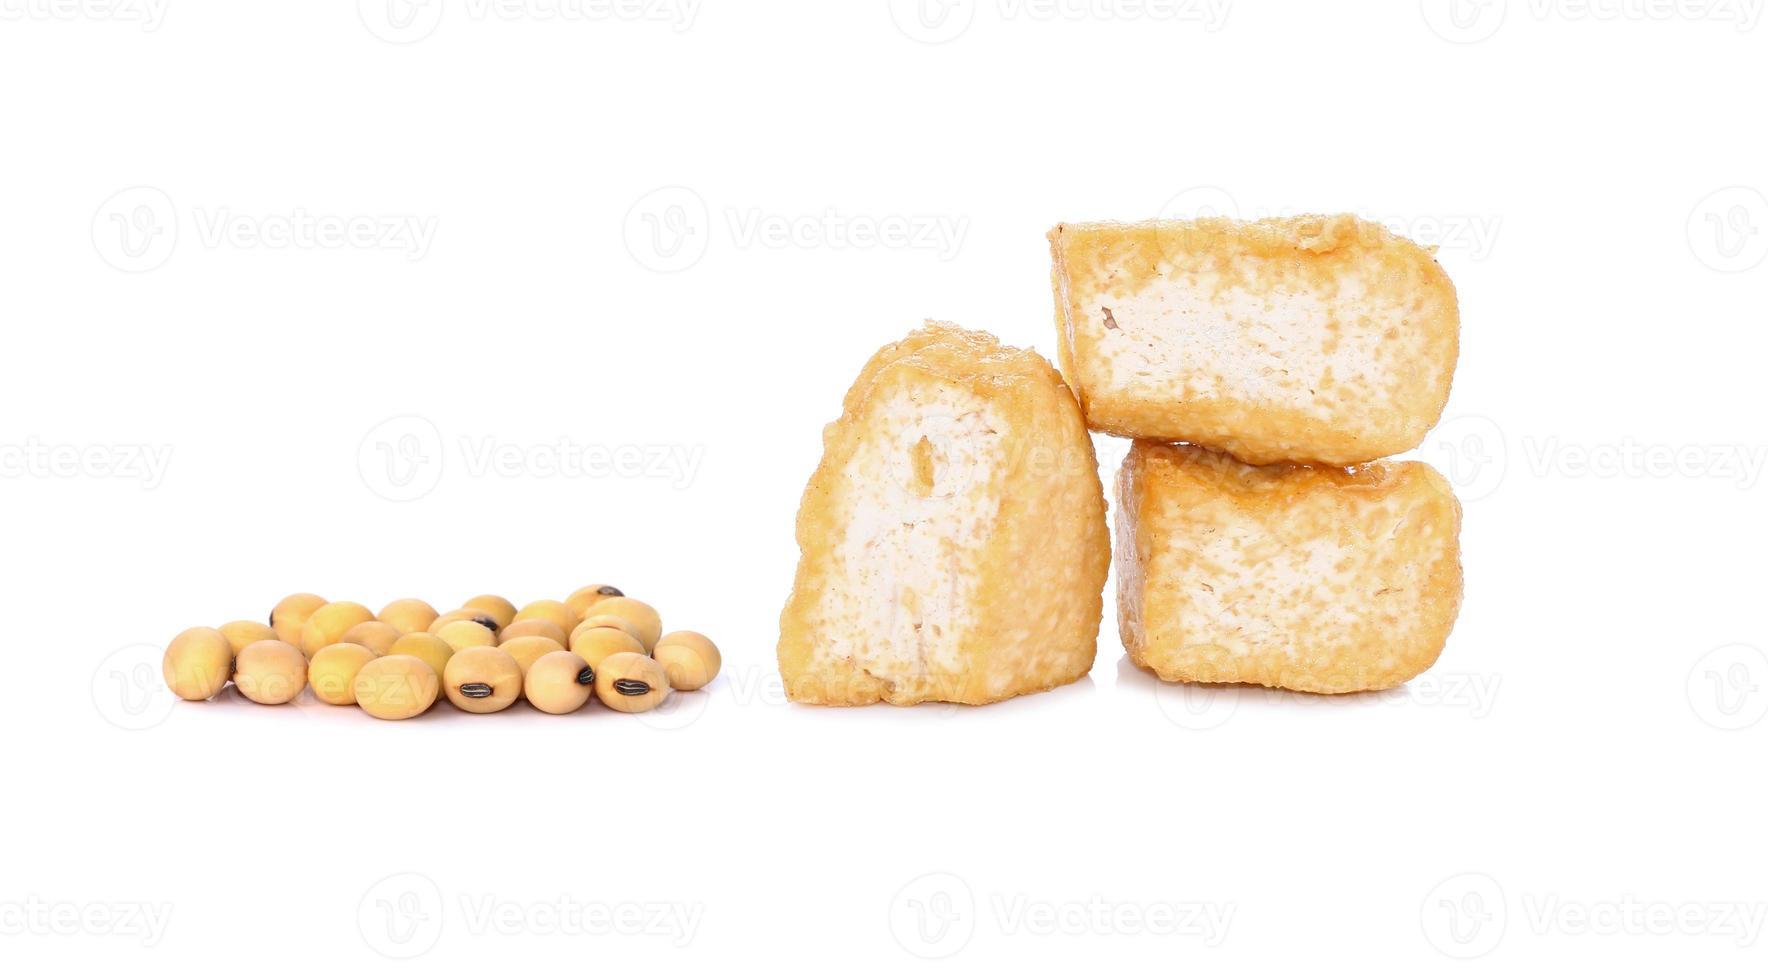 geschnittener Bohnenquark-Tofu über weißem Hintergrund foto